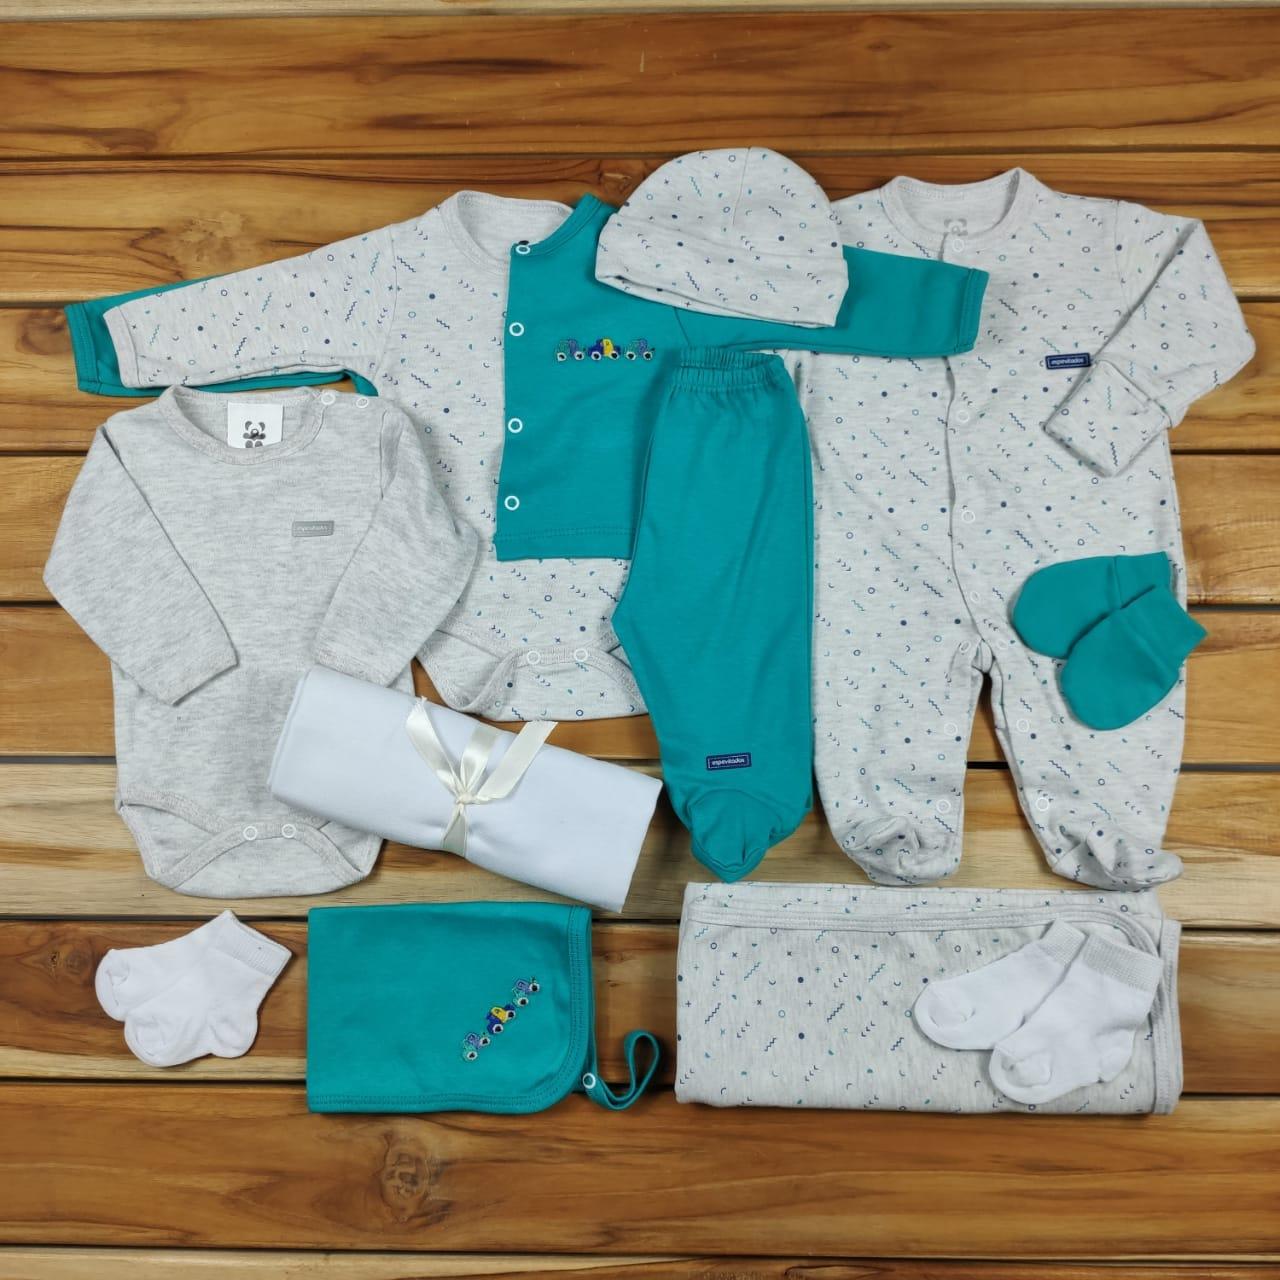 Kit Maternidade Verde e Mescla - 12 Peças